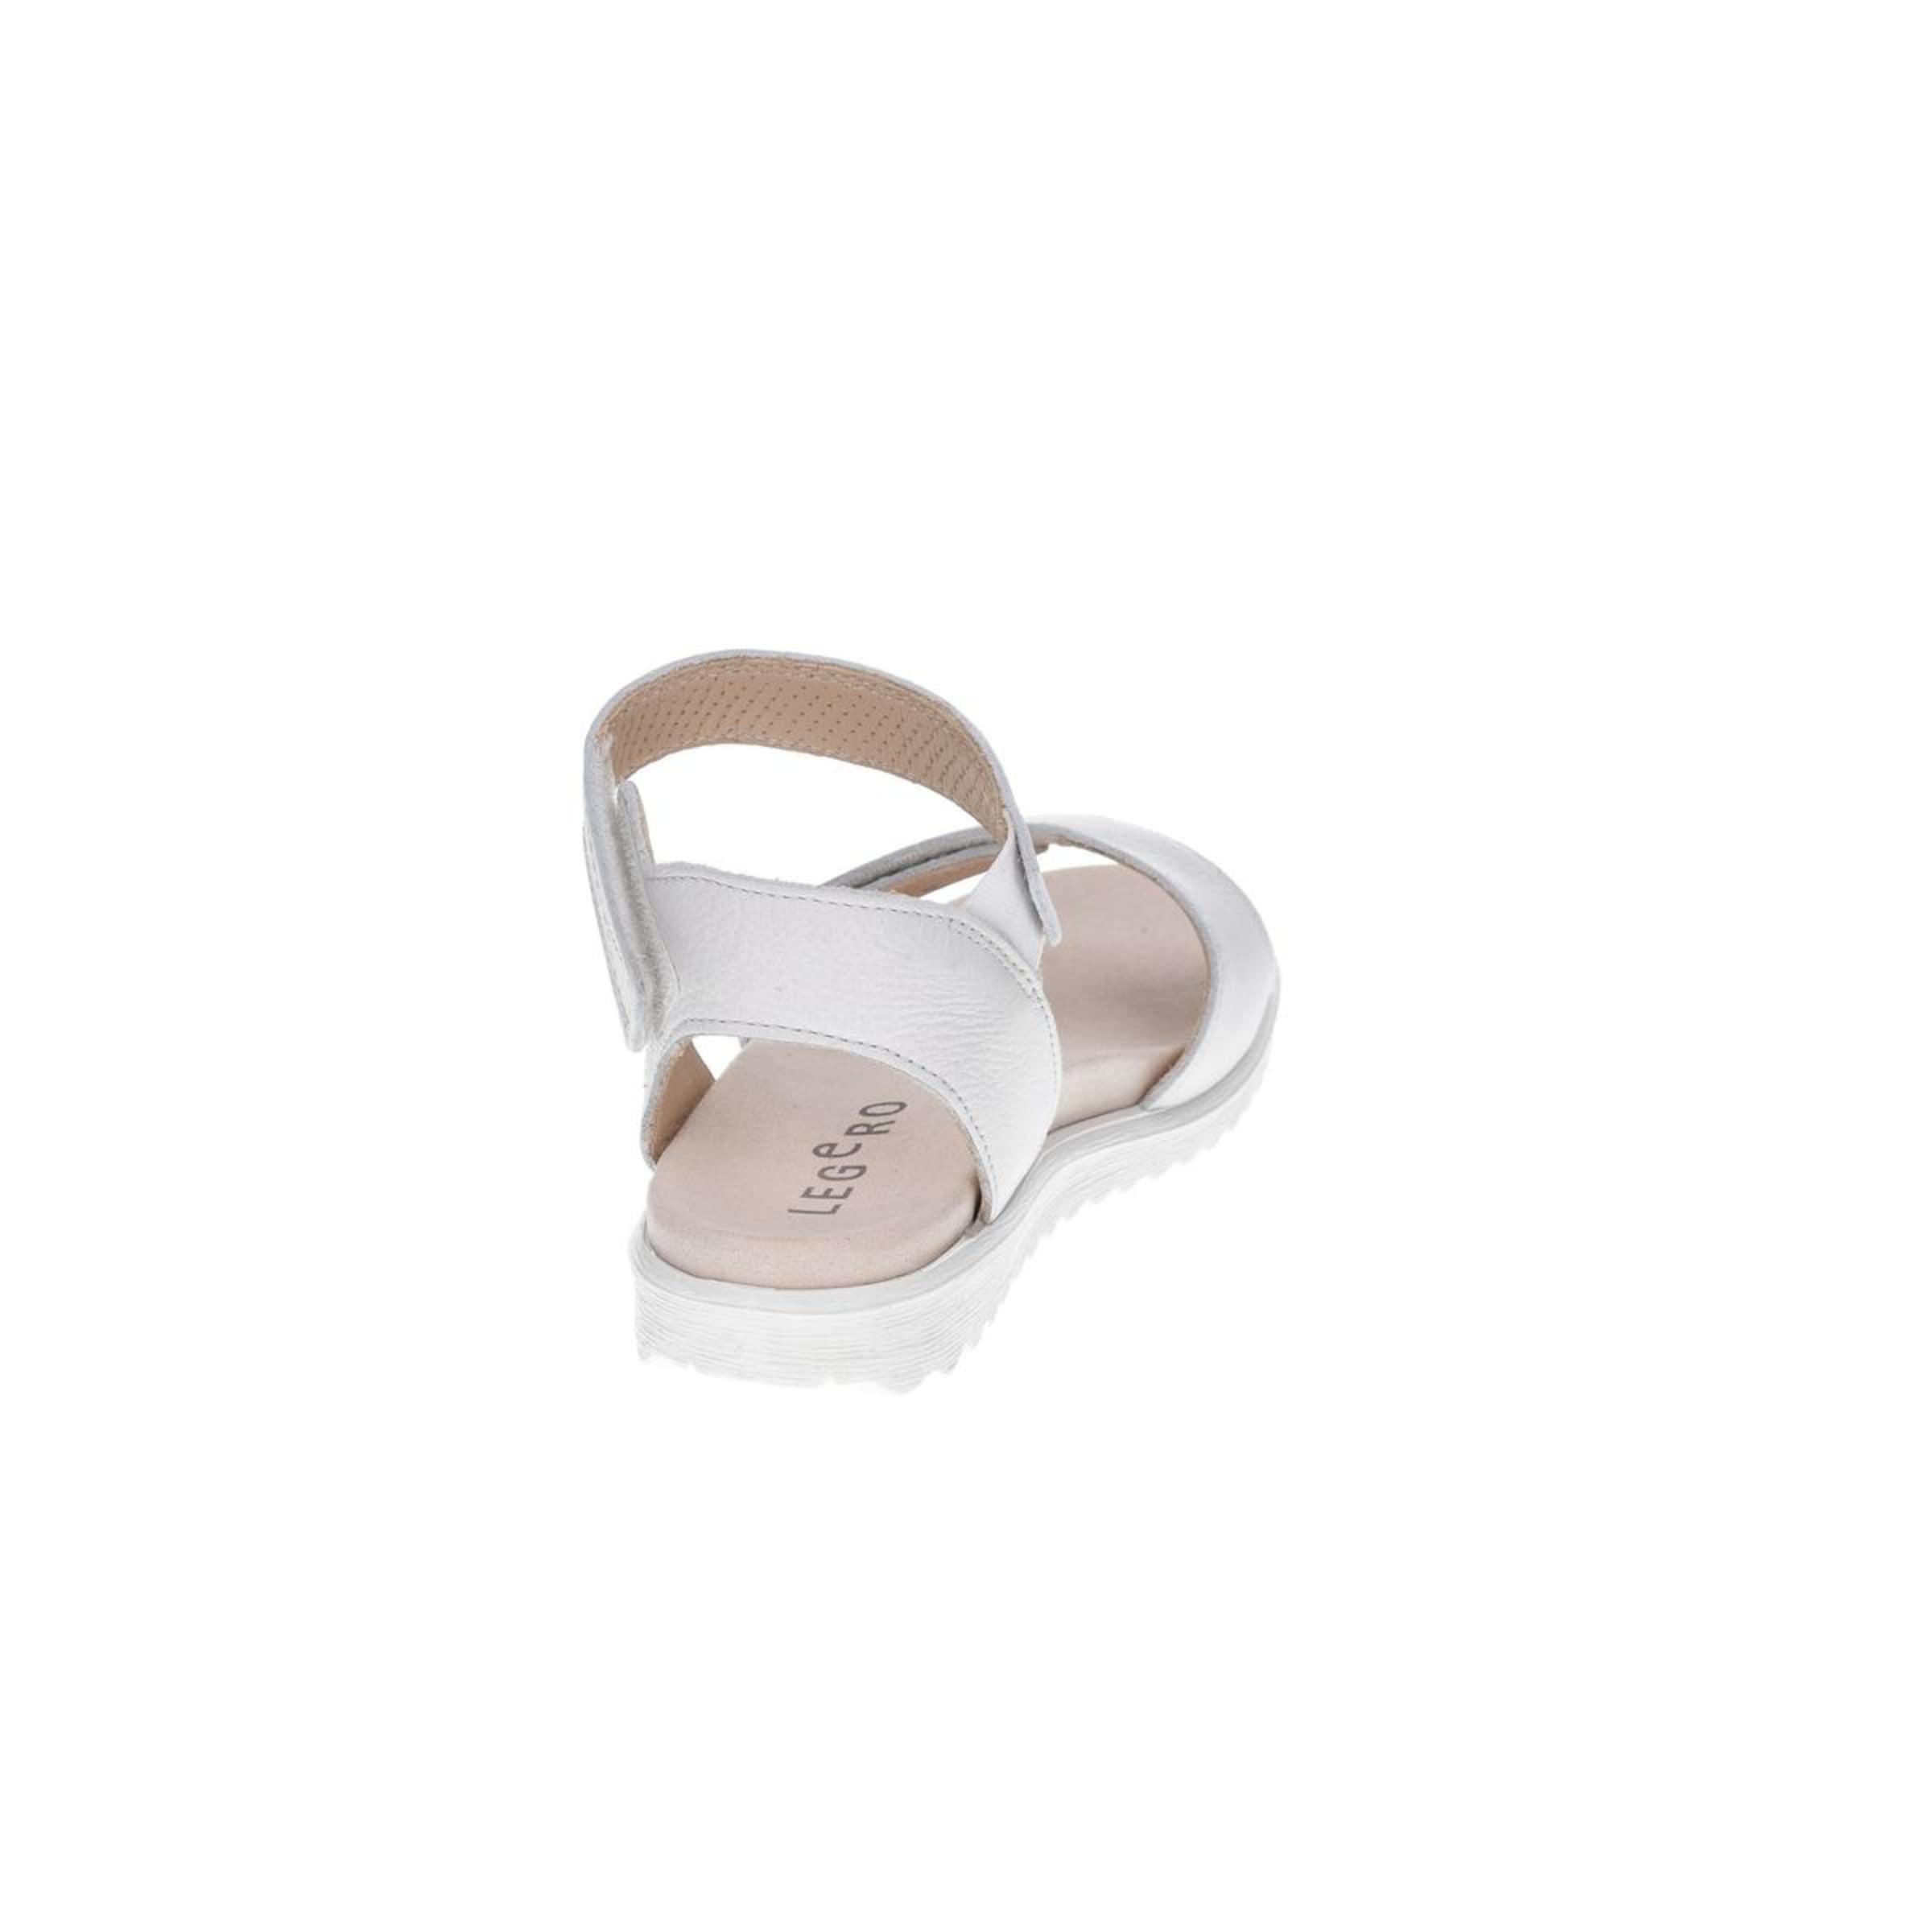 Sandalen In Weiß Sandalen Superfit Superfit A3jL45qR